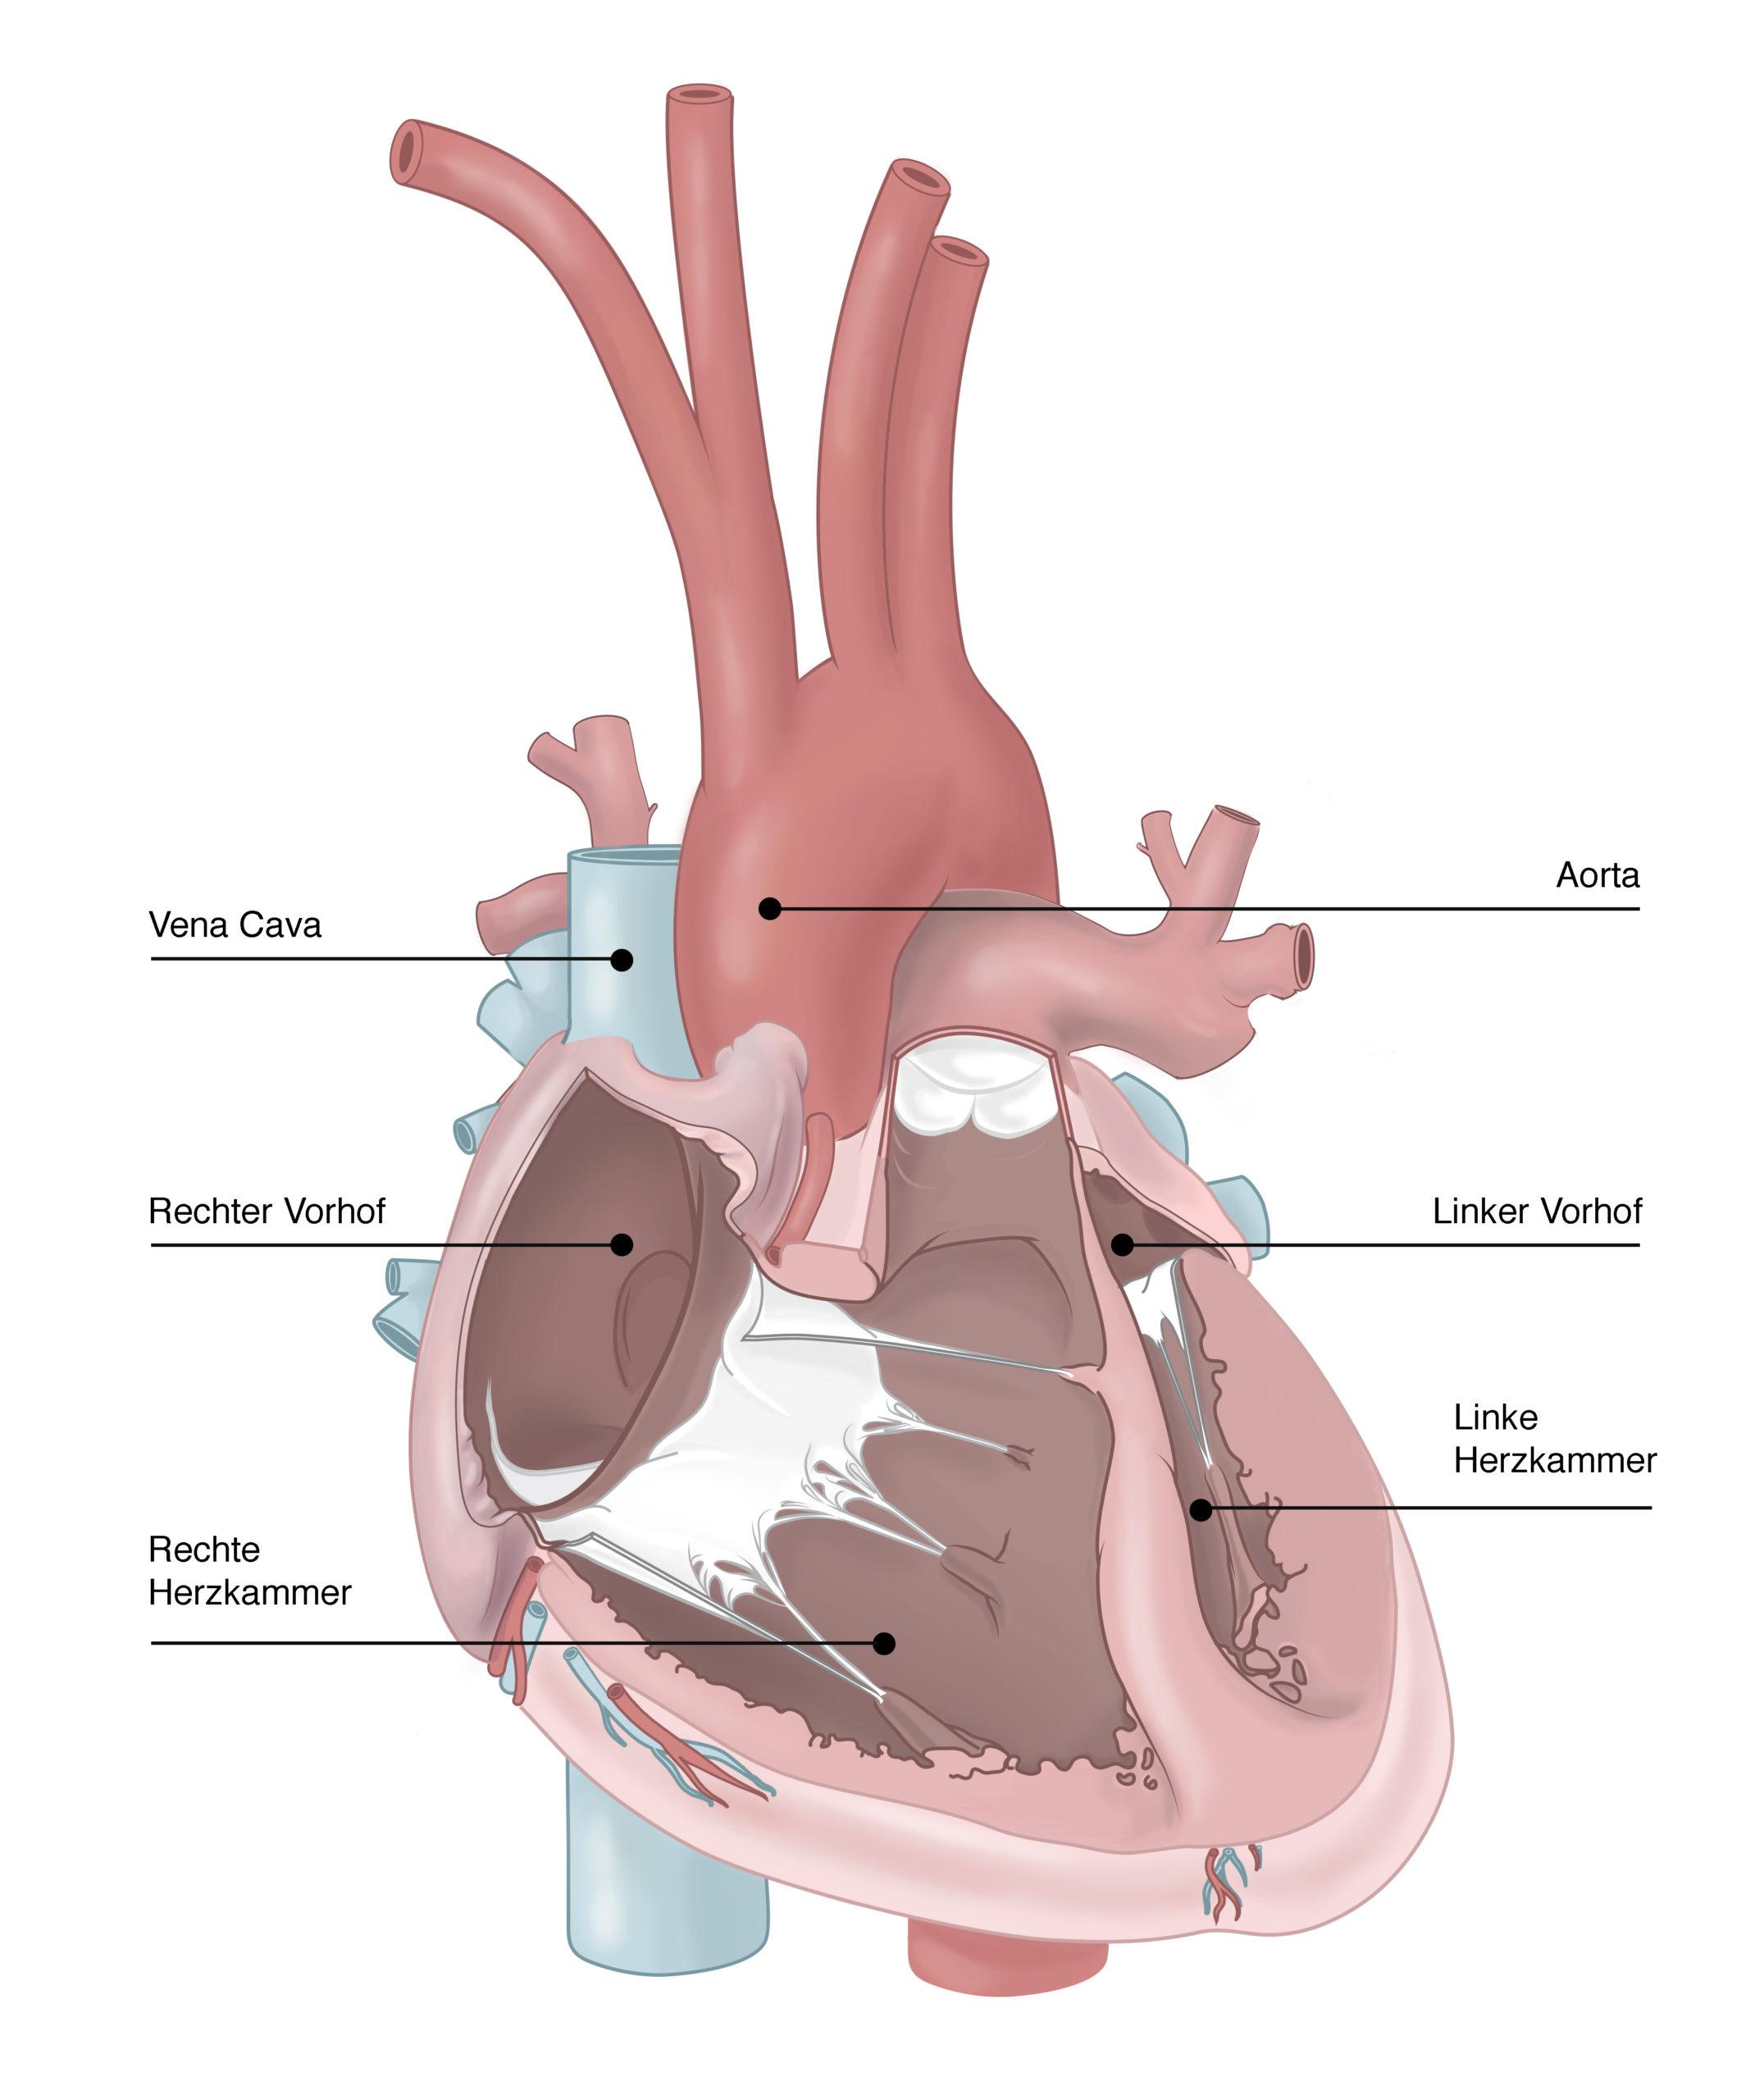 In dieser medizinischen Illustration zur anatomie des Herzens wurde ein mittiger Querschnitt durch das Herz gezogen. Die zwei Vorhöfe und die Herzkammern werden dargestellt.